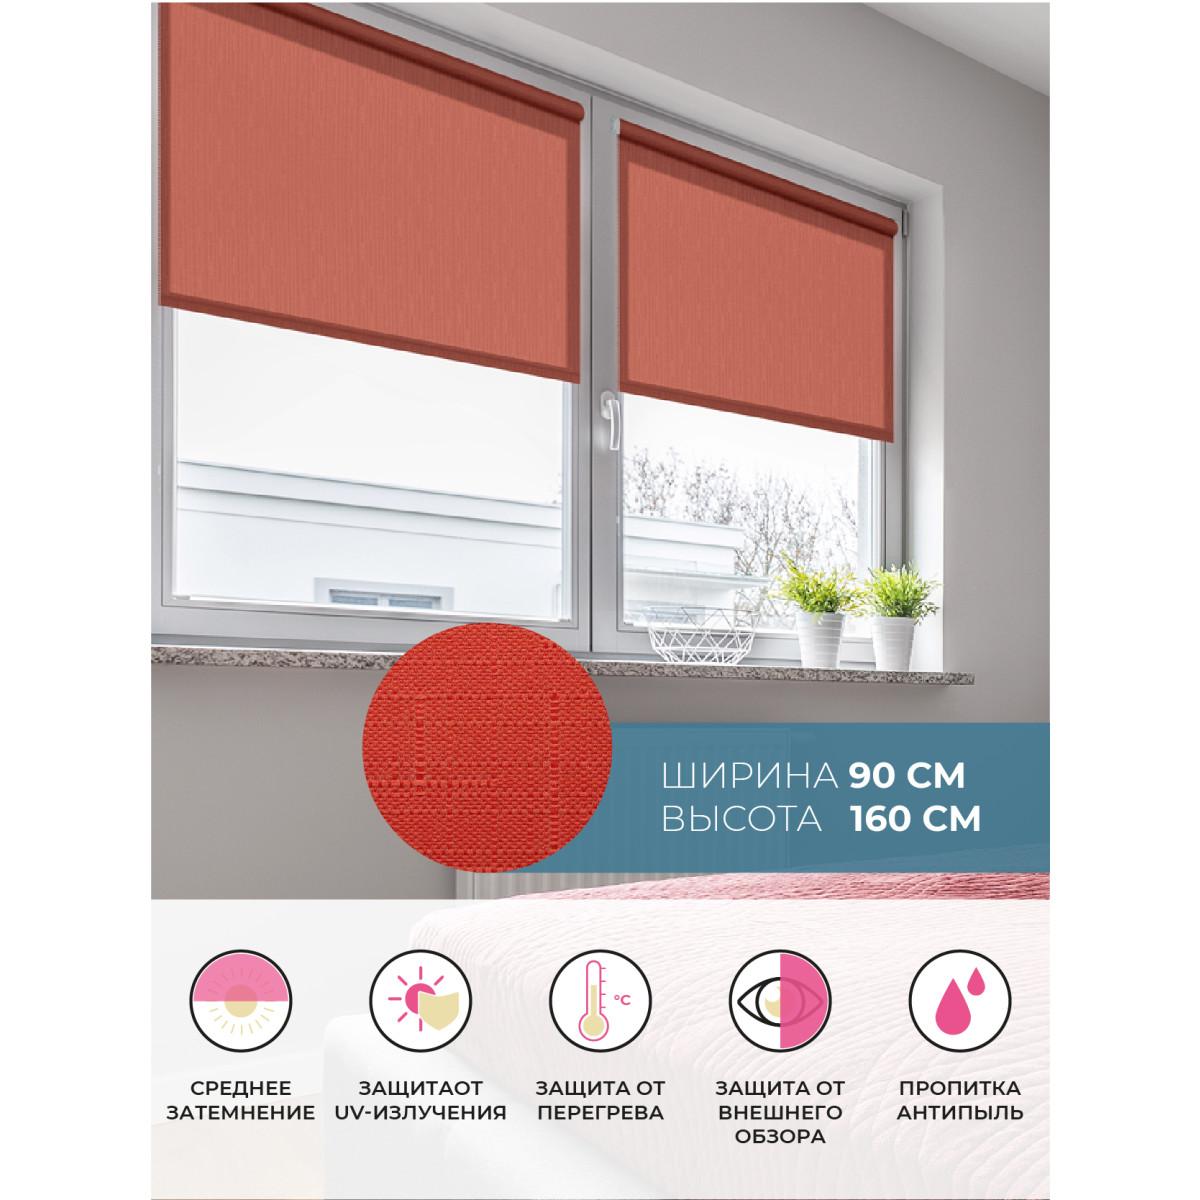 Рулонная Ора Decofest Апилера 90Х160 Цвет Красный